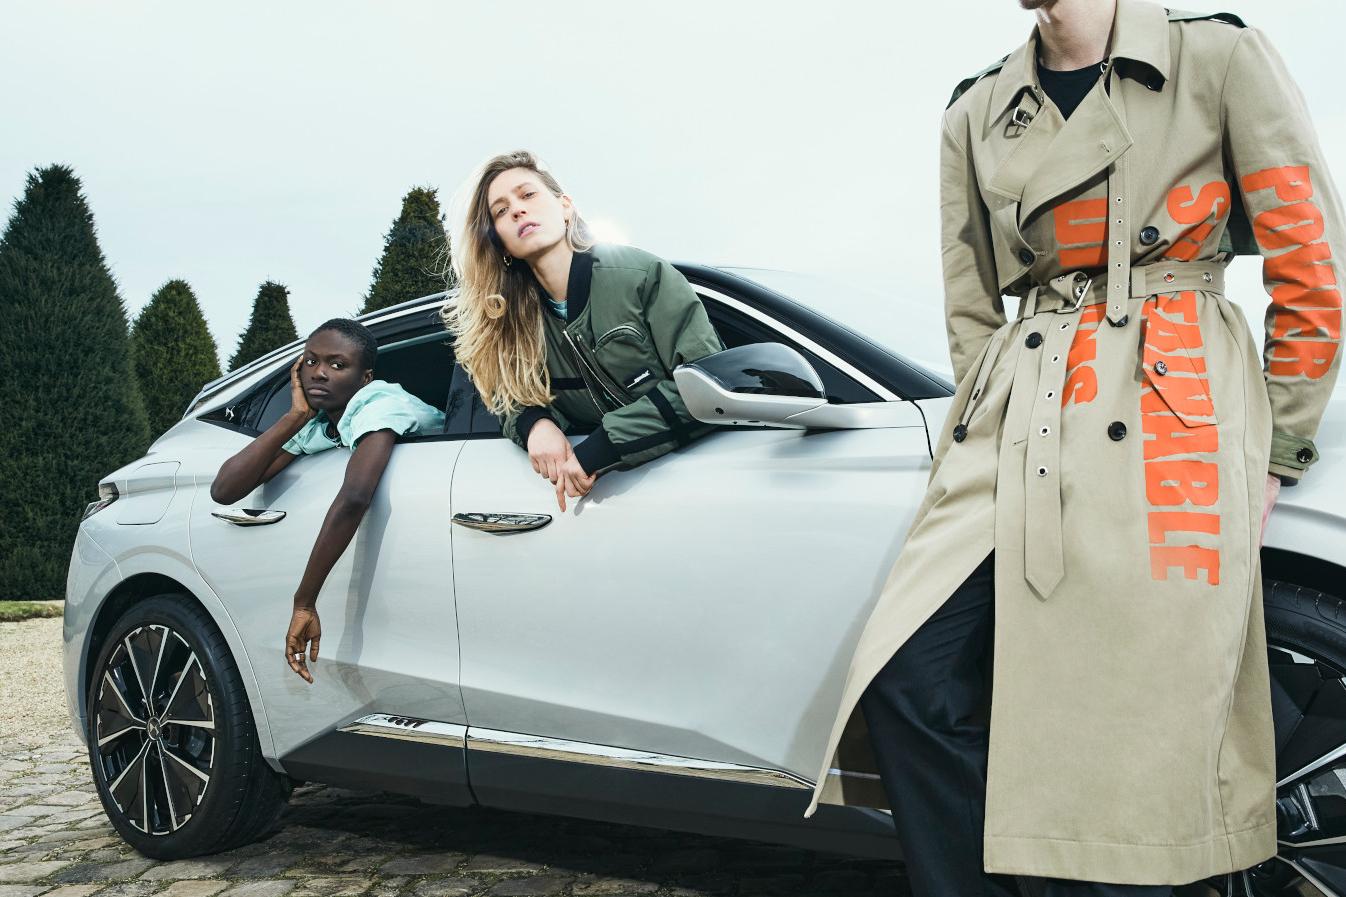 egonlab-futuristic-fashion